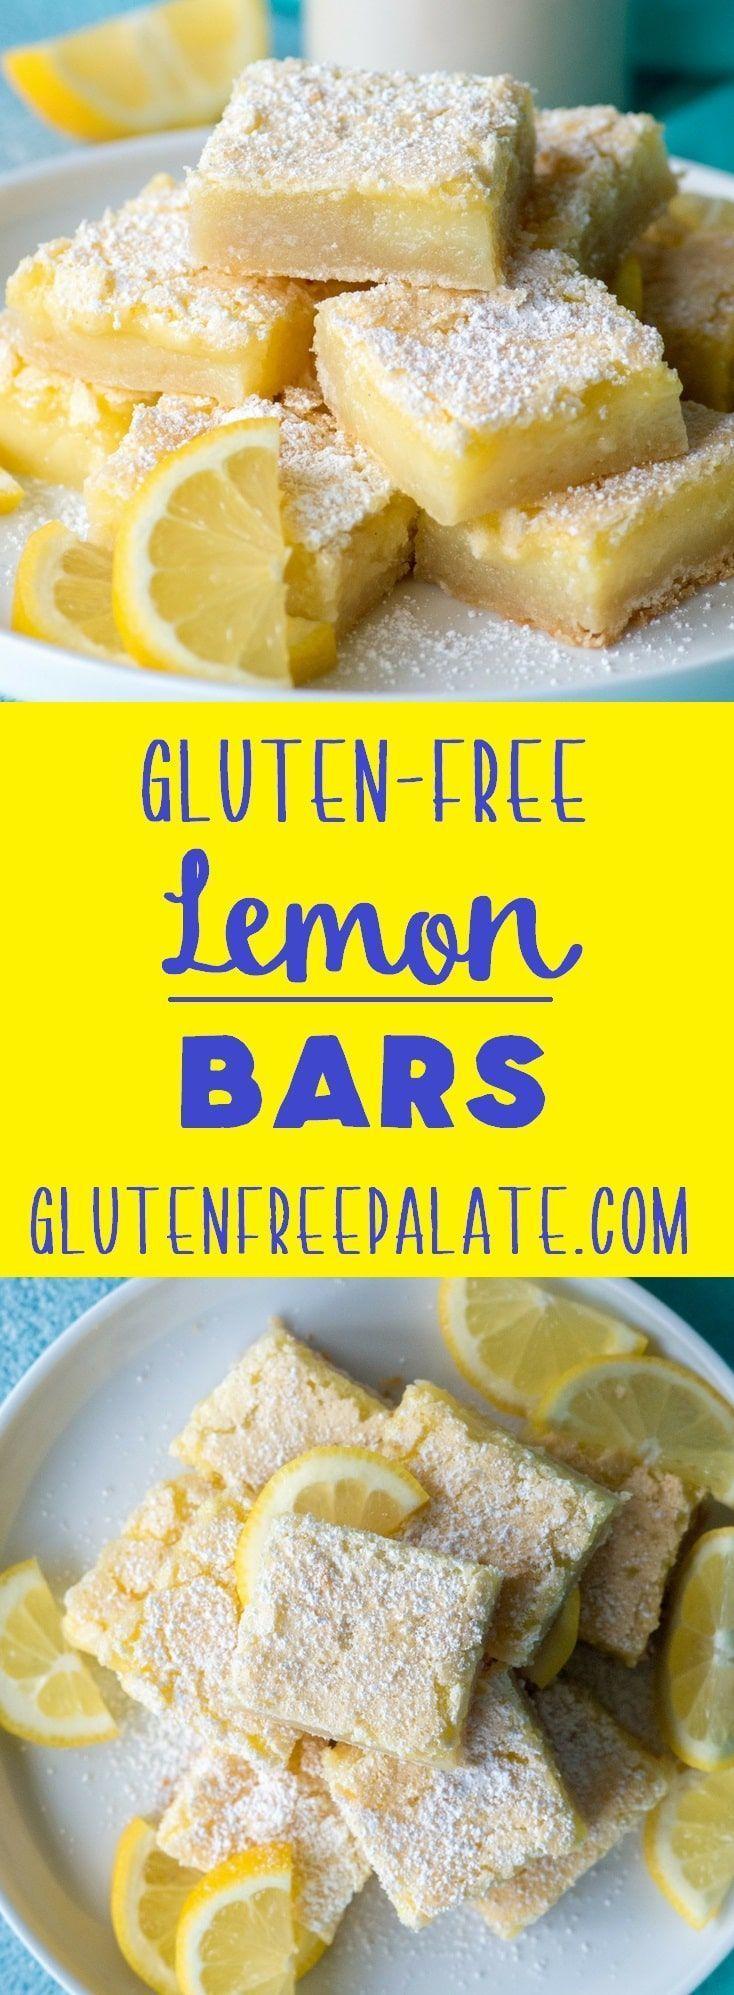 Easy Gluten-Free Lemon Bars images